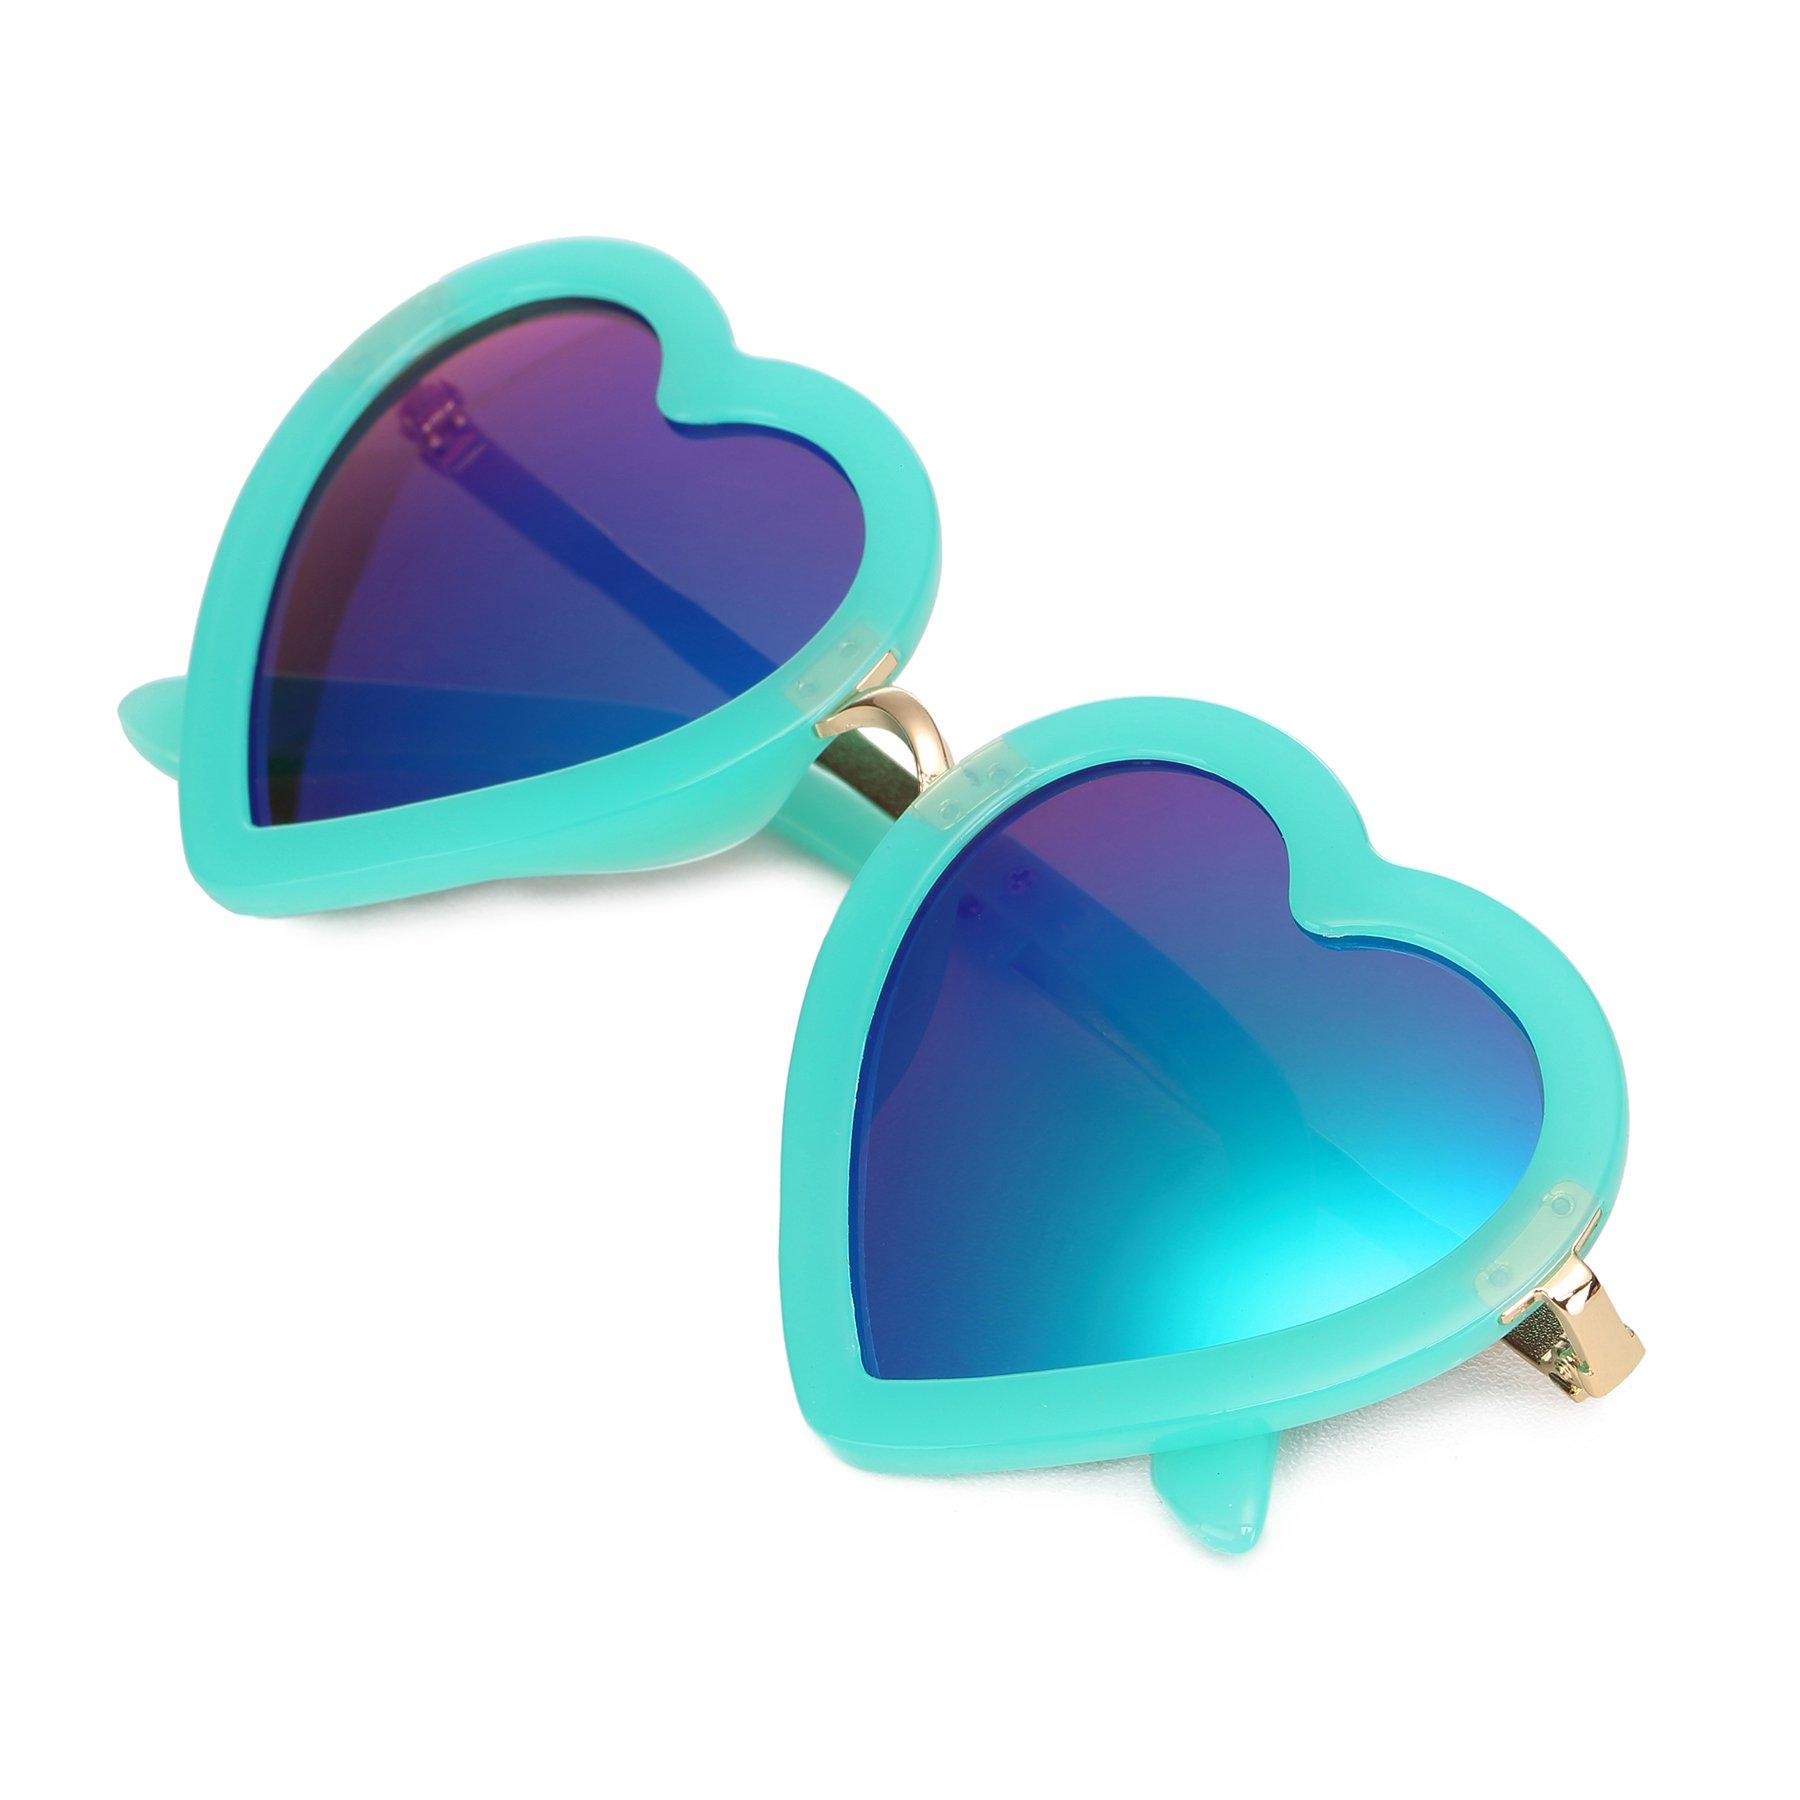 CMK Trendy Kids Trendy Heart Shaped Sunglasses for Toddler Girls Age 3-10 (62015_green)